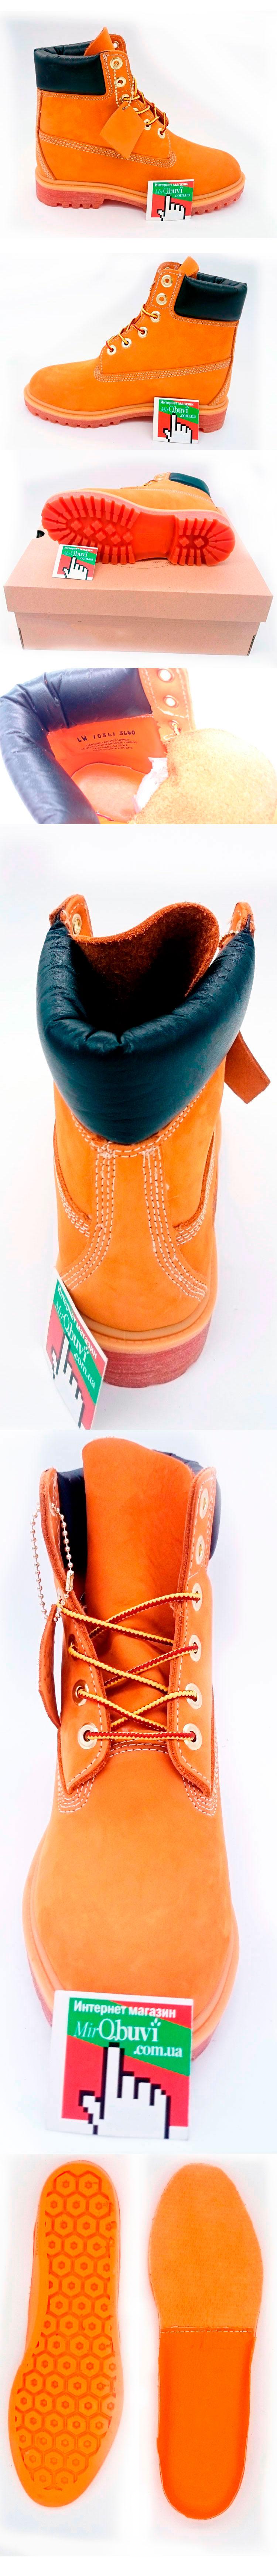 большое фото №5 Желтые ботинки Timberland 10361- Реплика Тимберленд